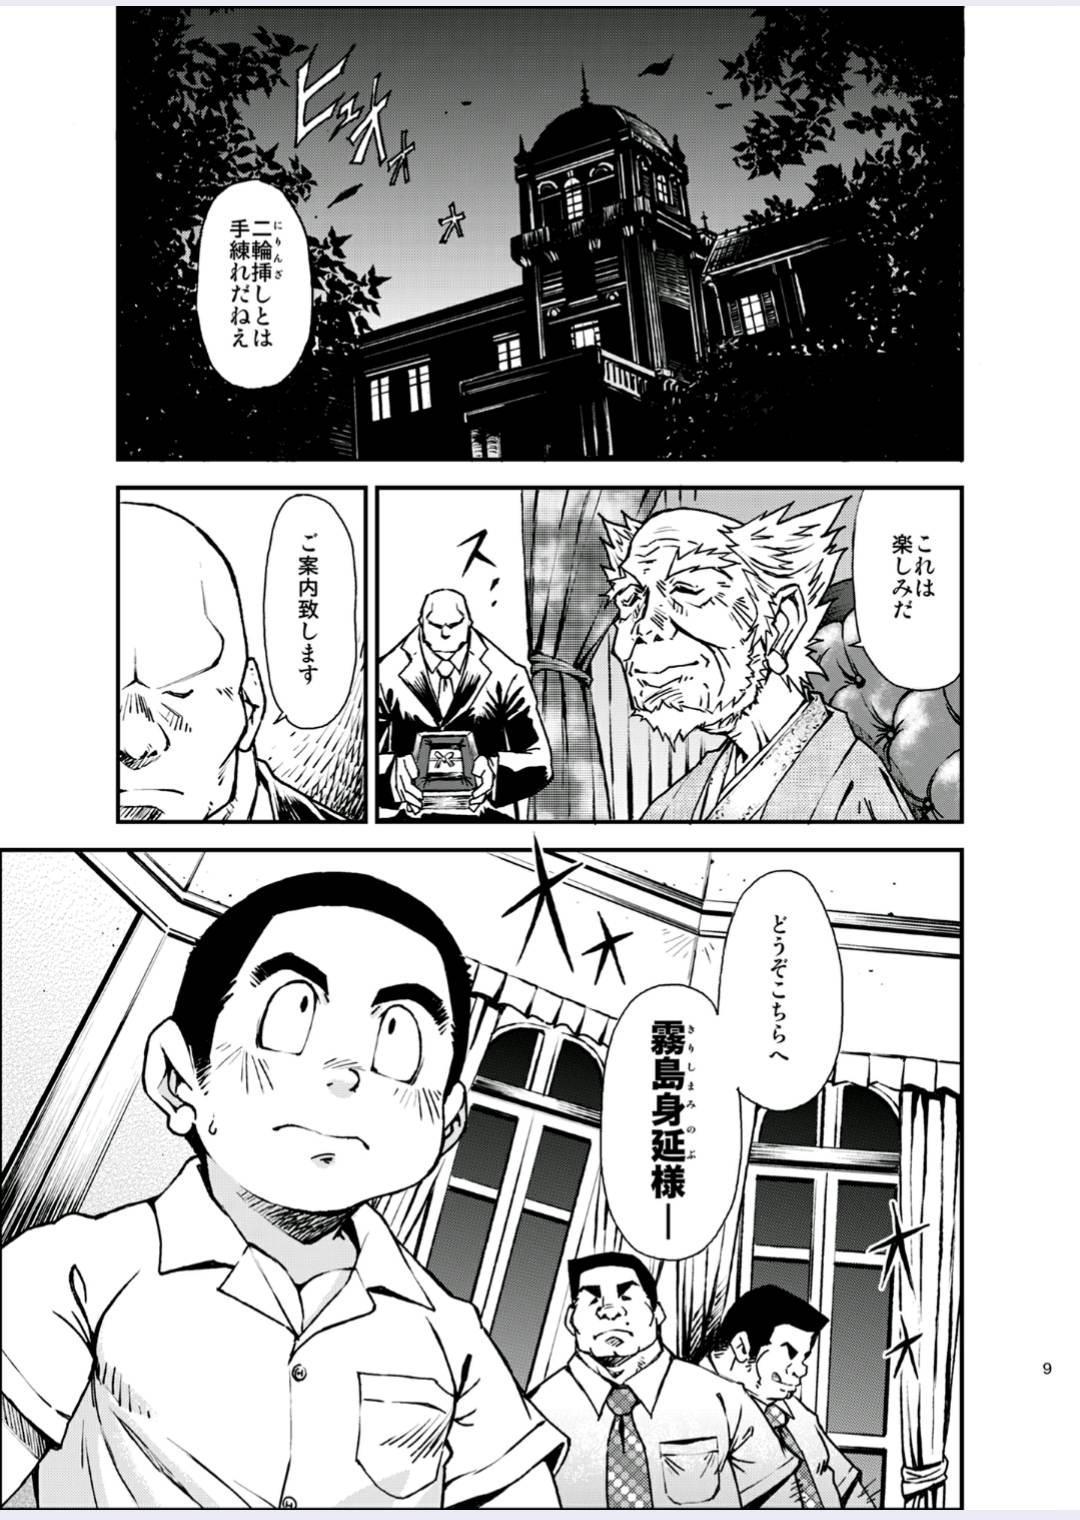 [KOWMEIISM (Kasai Kowmei)] Tadashii Danshi no Kyouren Hou (Yon) Deku to Kairai to [Digital] 9